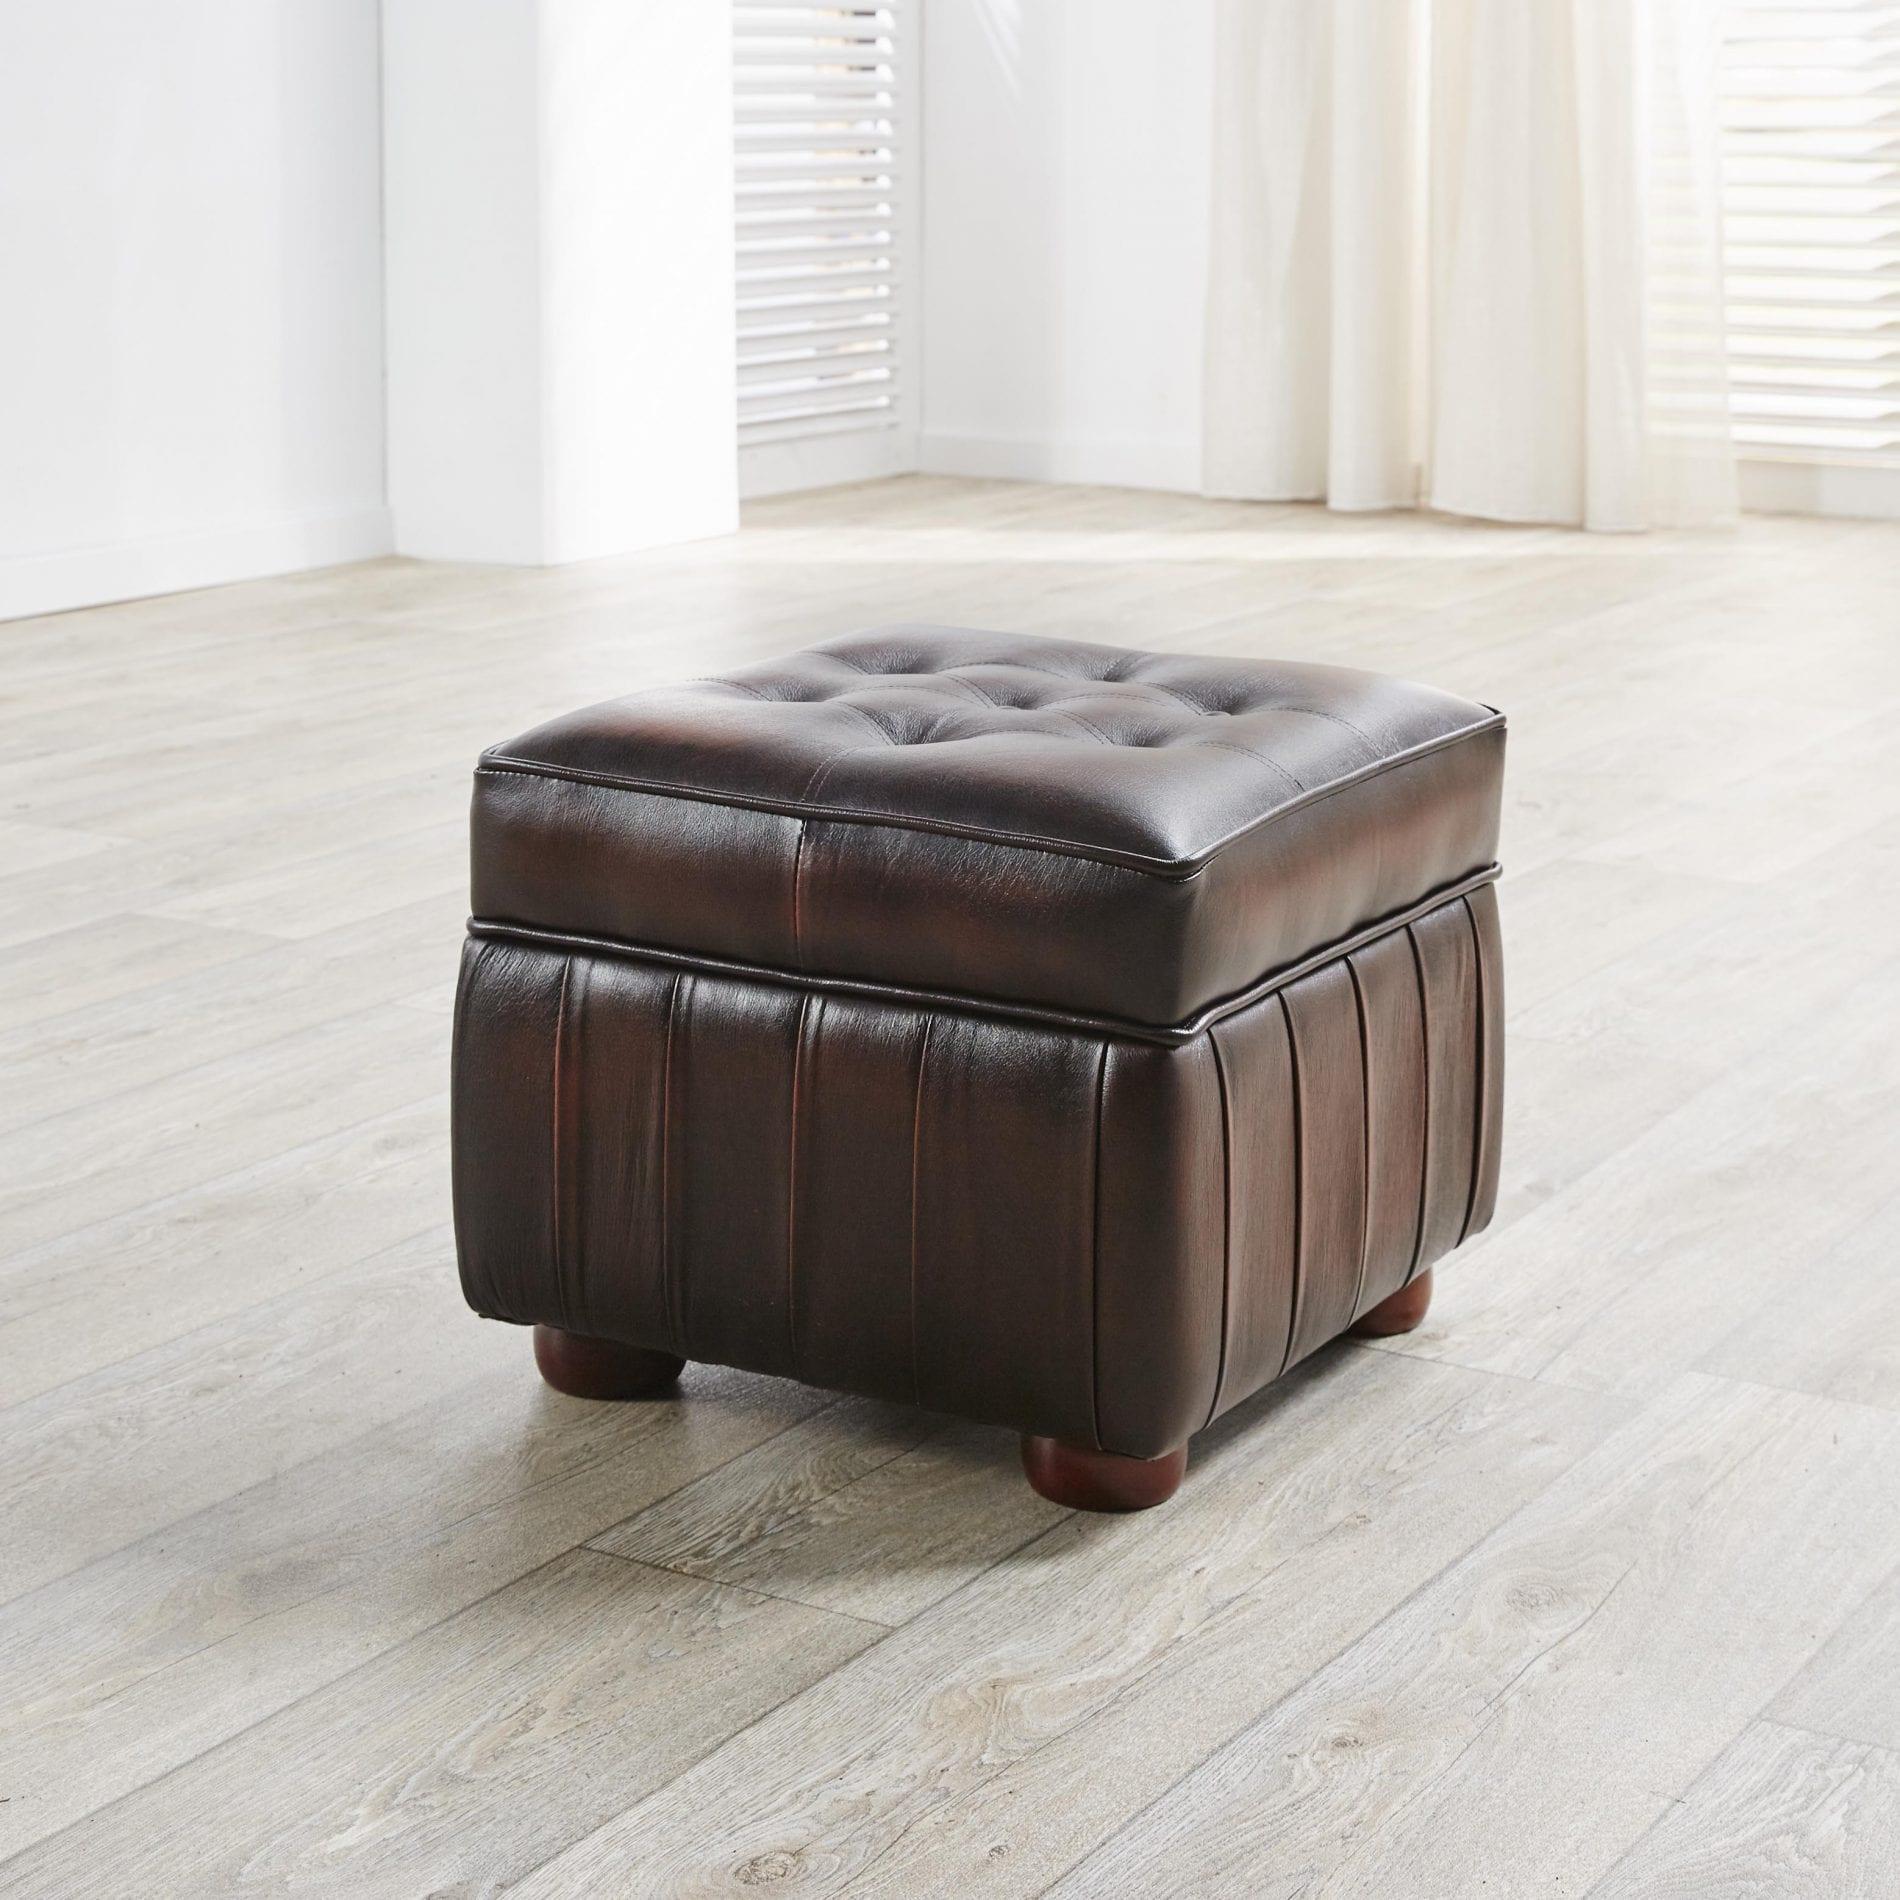 Delta-chesterfield-traditioneel-pouffe-box-dichte-top